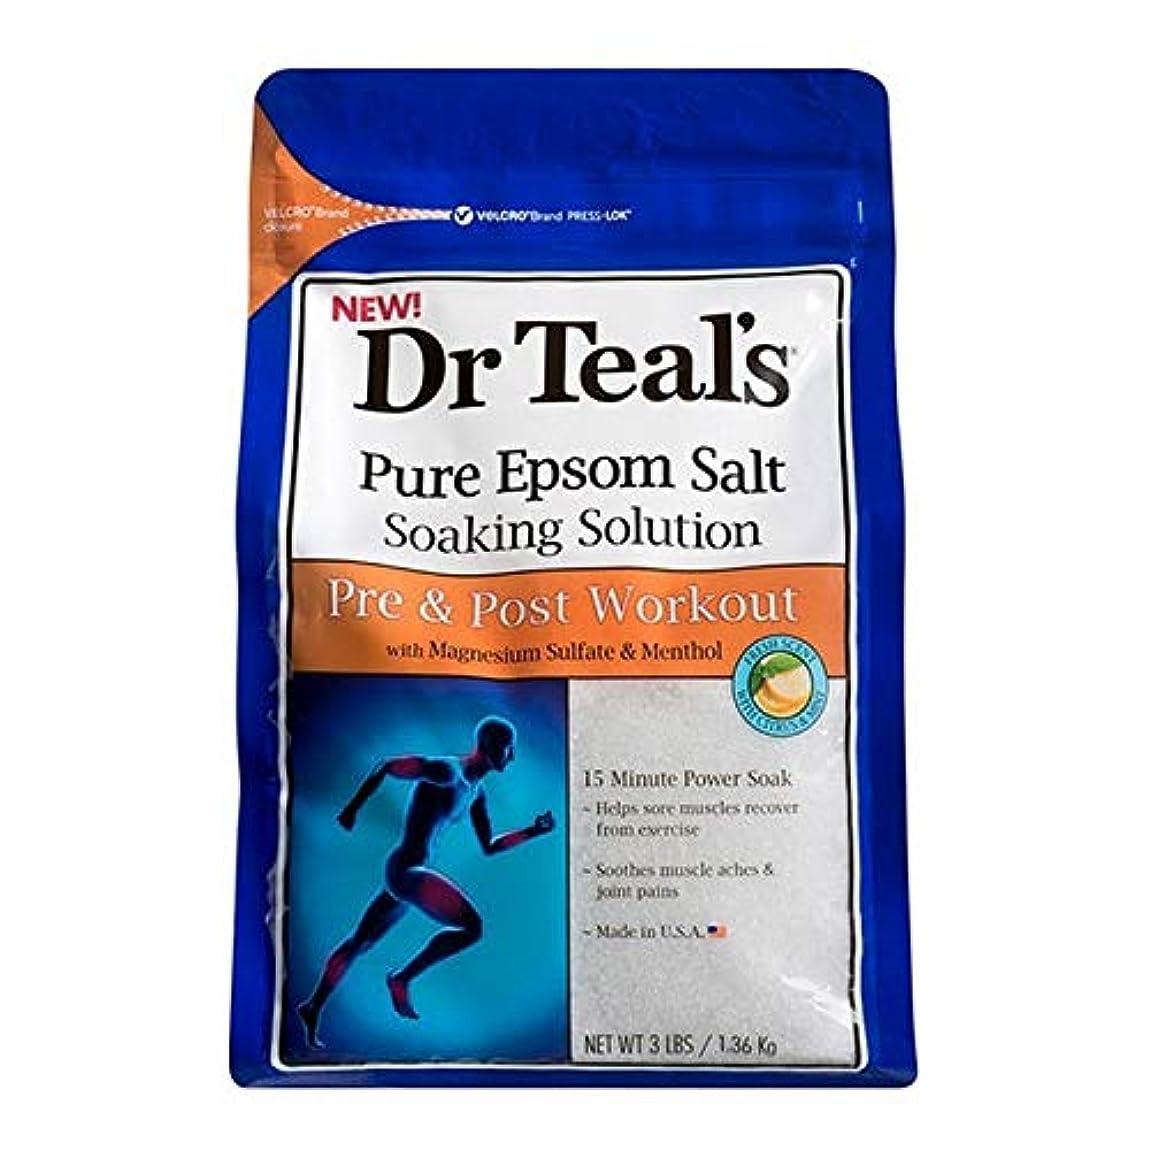 中性出会いまっすぐ[Dr Teals] Drのティールの均熱Bathsalt前N個のポストワークアウト1.36キロ - Dr Teal's Soaking Bathsalt Pre N Post Workout 1.36 kg [並行輸入品]